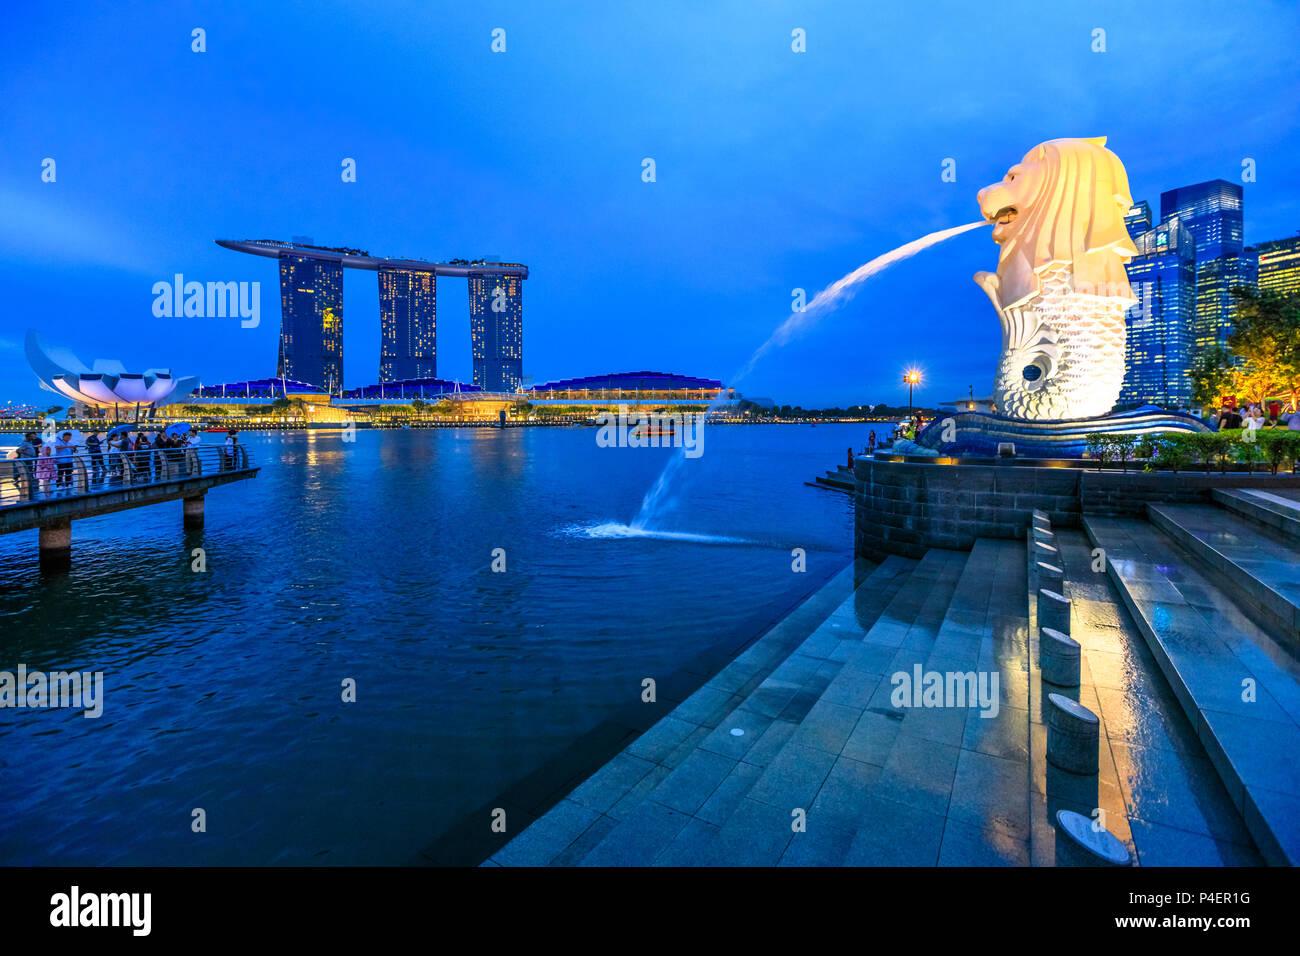 Singapour - Avril 27, 2018: le reflet de l'statue Merlion à Singapour Marina Bay mer. Merlion a une tête de lion et corps de poisson et c'est de l'eau jaillissant de sa bouche. Marina Bay Sands dans les tours d'horizon. Banque D'Images